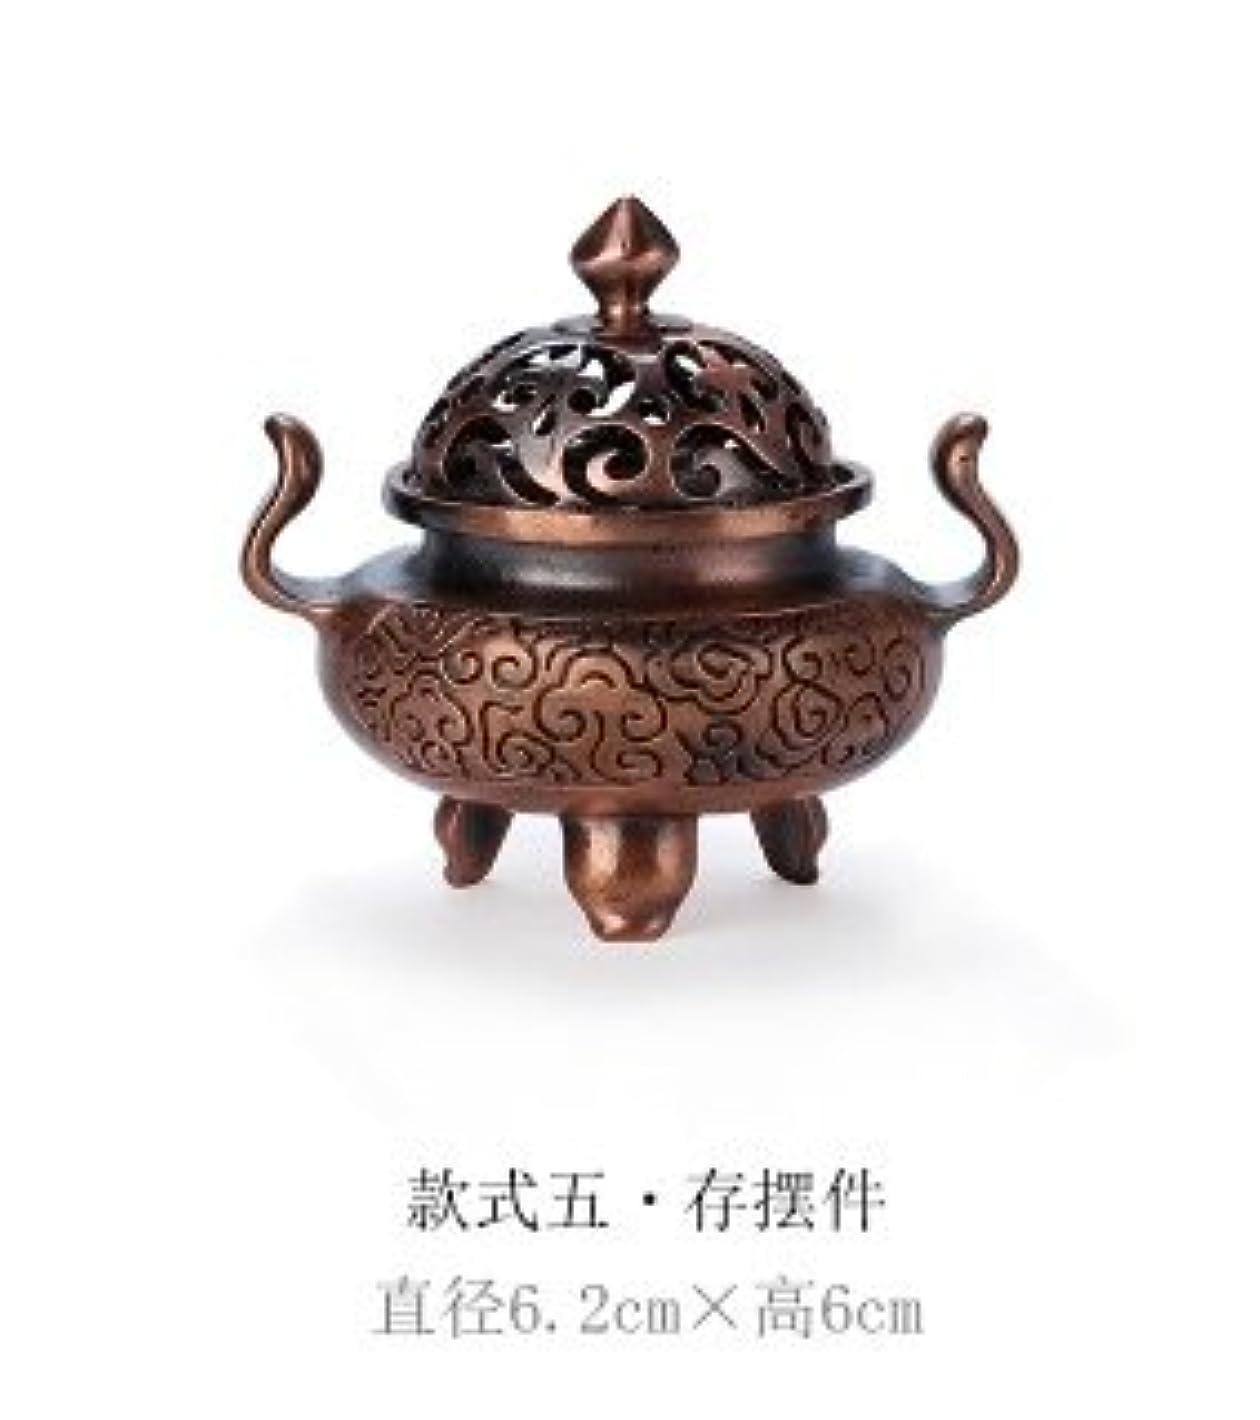 とまり木知人有効な金属镂空檀香香炉 功夫茶具 アクセサリー茶装飾 线香香炉 (銅色)